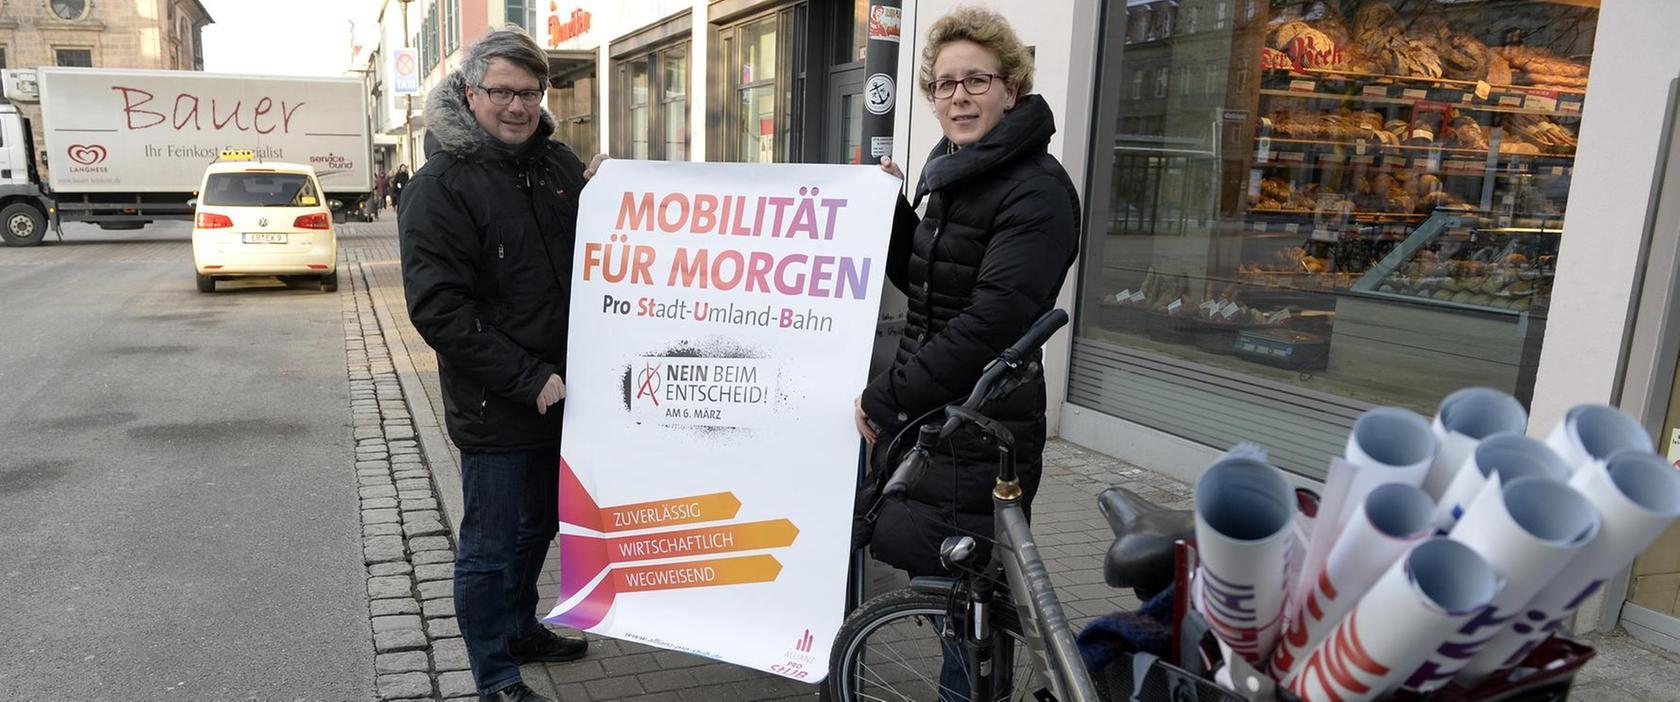 """Der Bürgerentscheid Anfang März rückt näher. Nun wollen der SPD-Kreisvorsitzende Dieter Rosner und die Grünen-Stadträtin Julia Bailey mit der """"Allianz pro StUB"""" für das Projekt werben."""